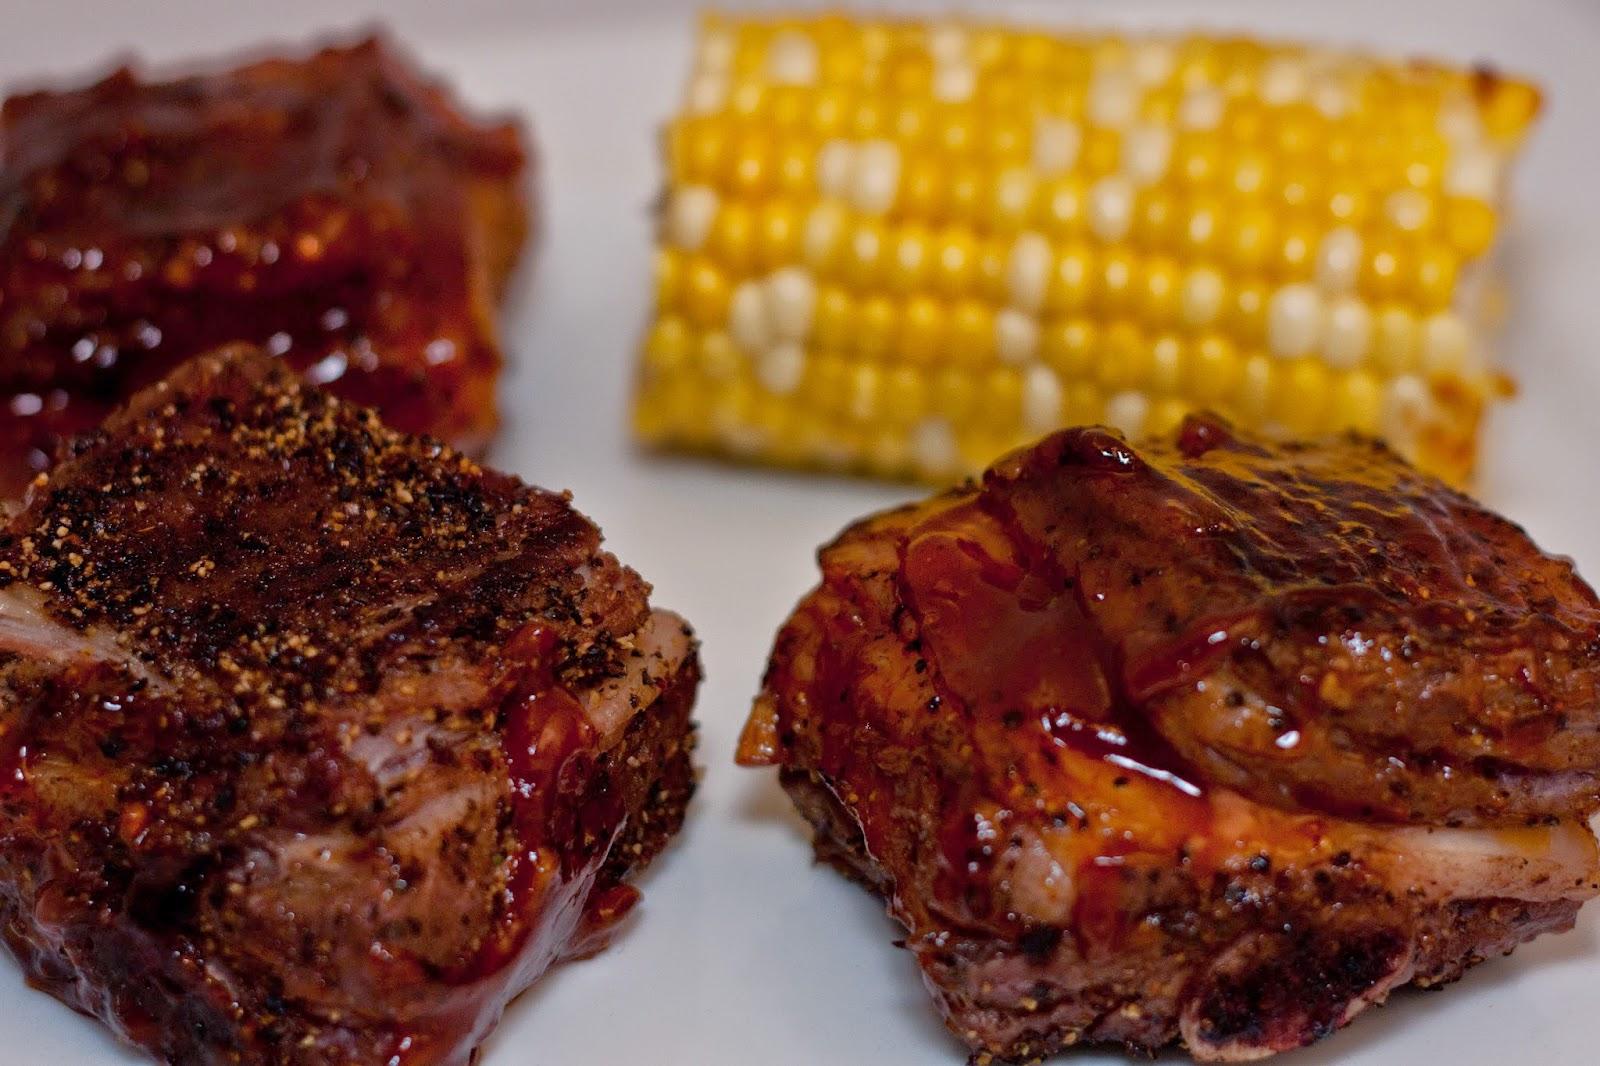 Grilled Bison Short Ribs